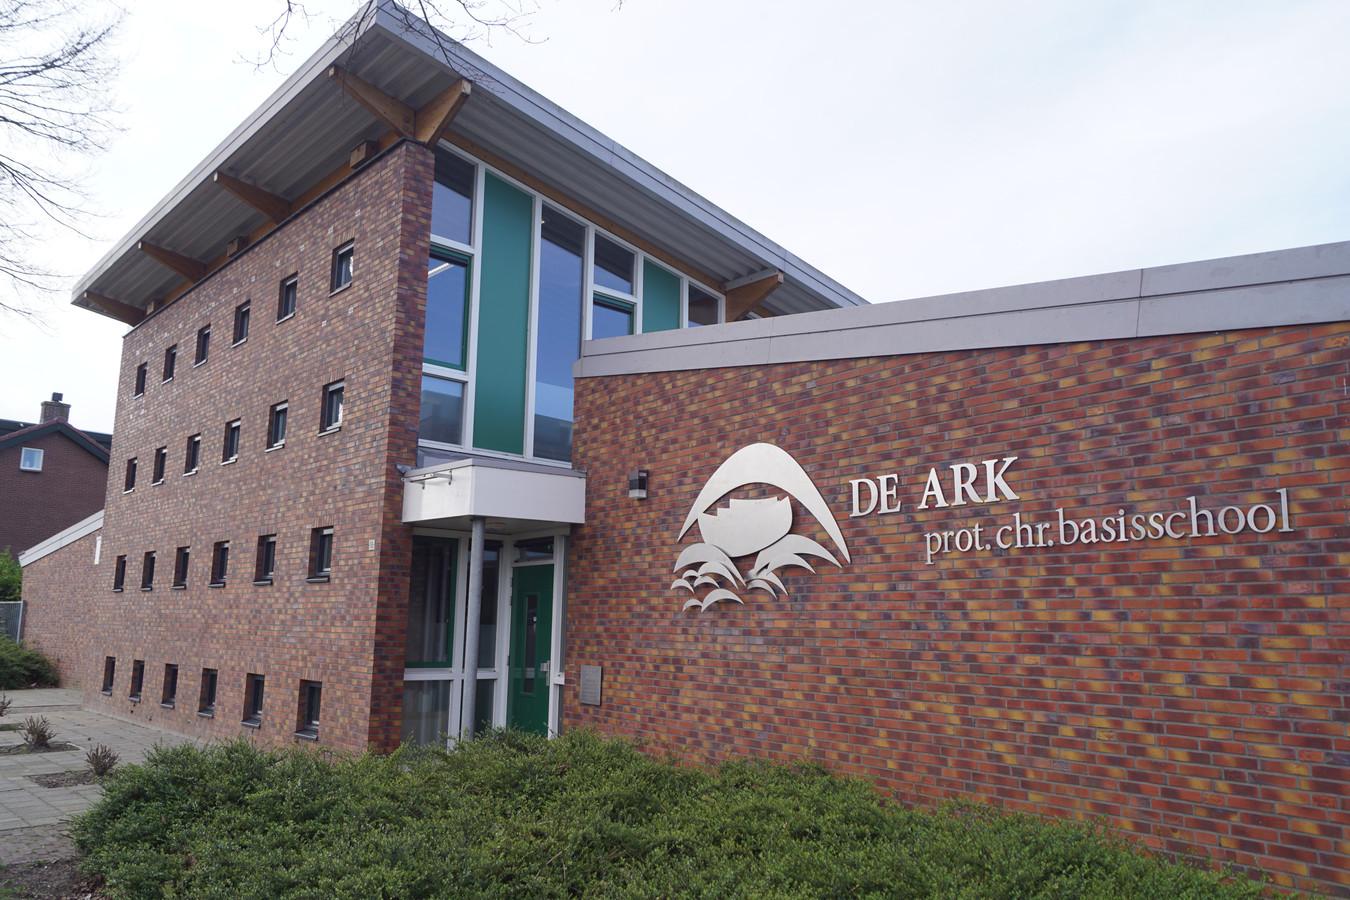 Basisschool De Ark in Bunschoten.